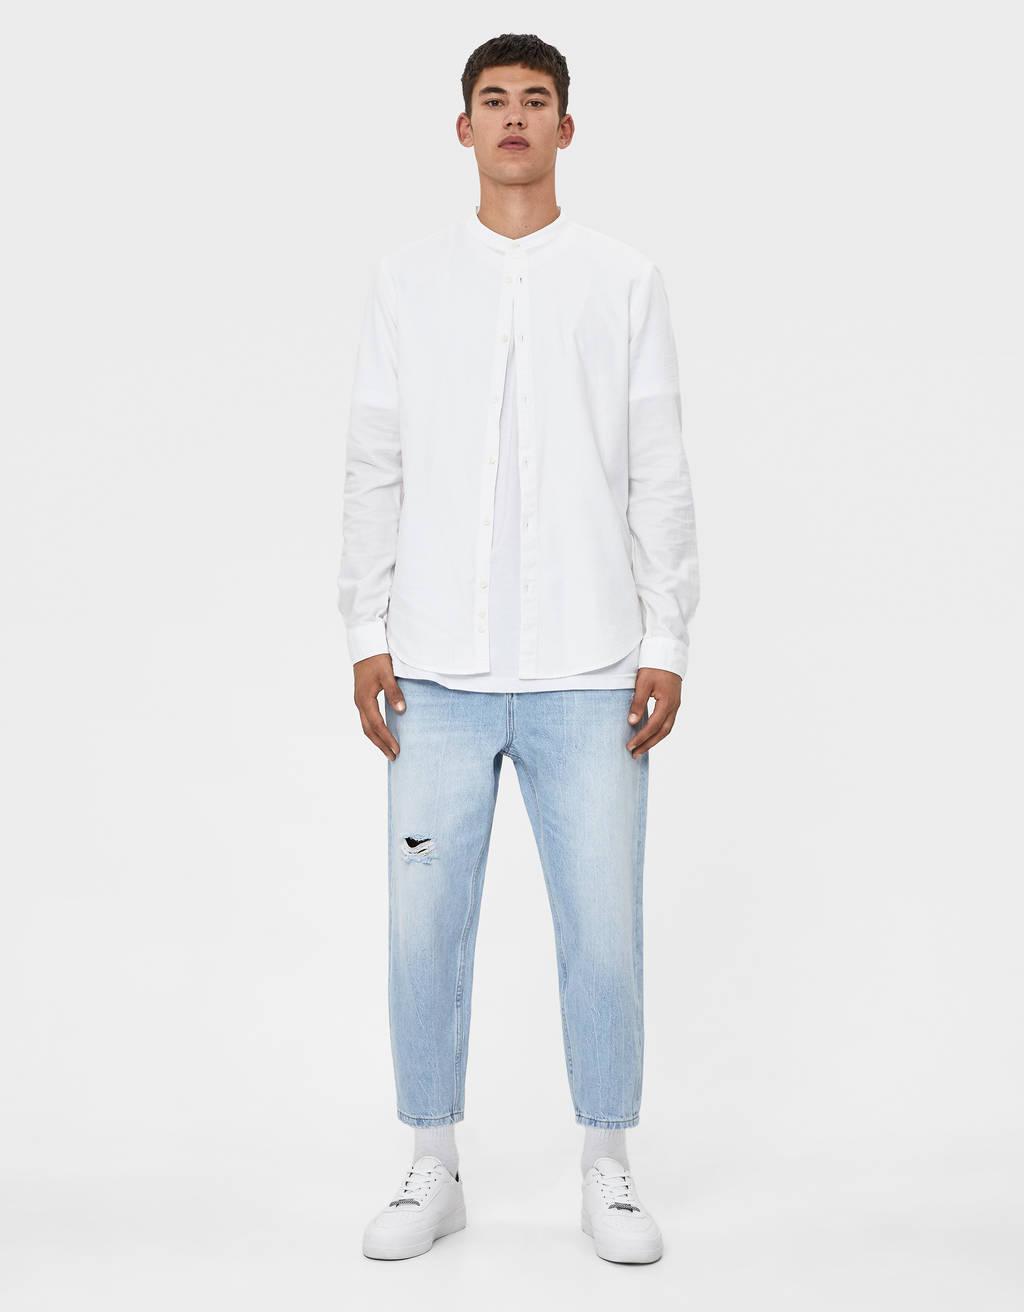 Pantalones vaqueros de hombre Otoño 2019 | Bershka